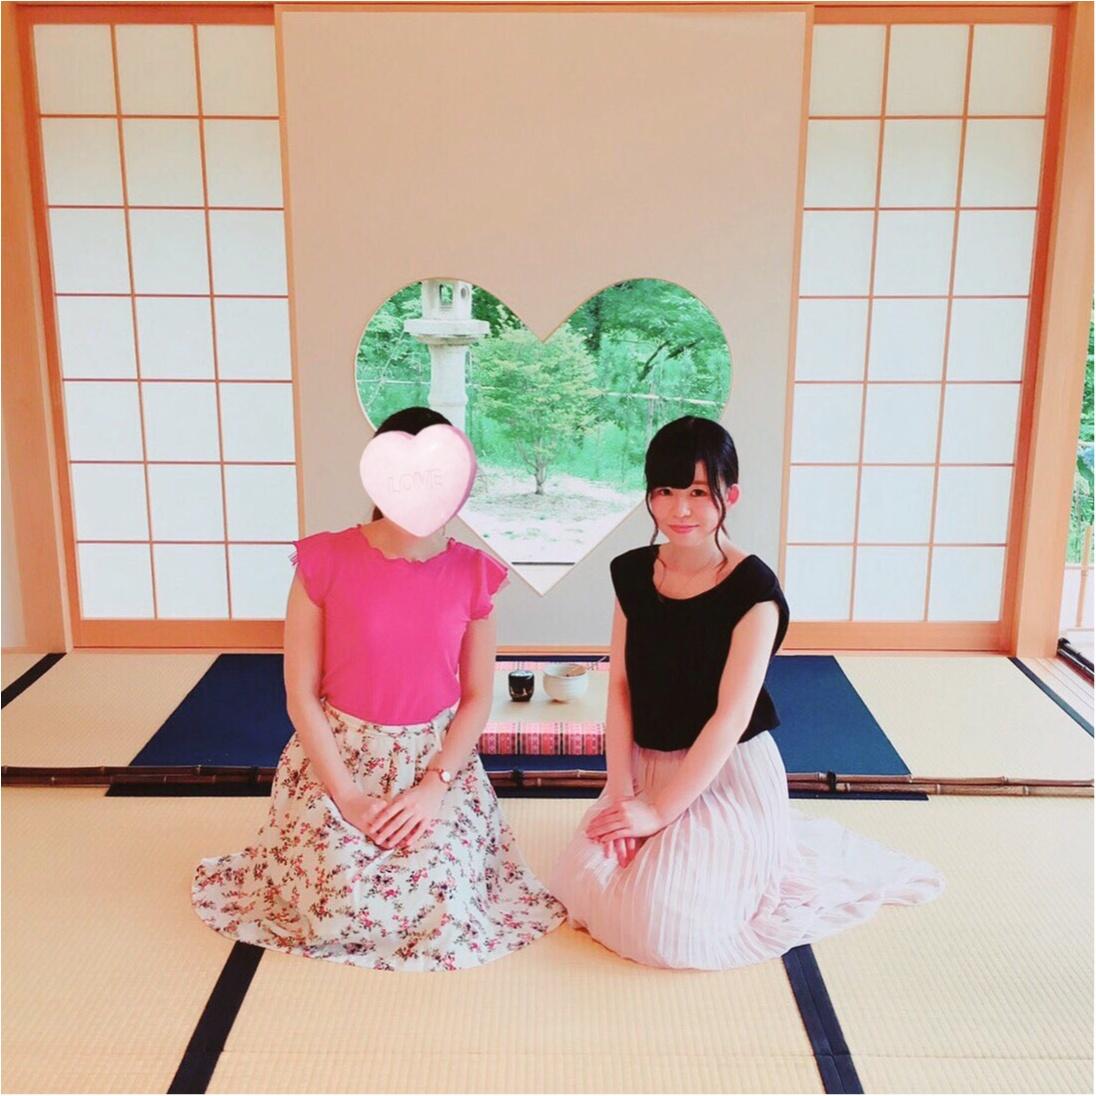 【フォトジェニックすぎる寺院】京都『正寿院』の魅力を紹介しちゃいます♡_1